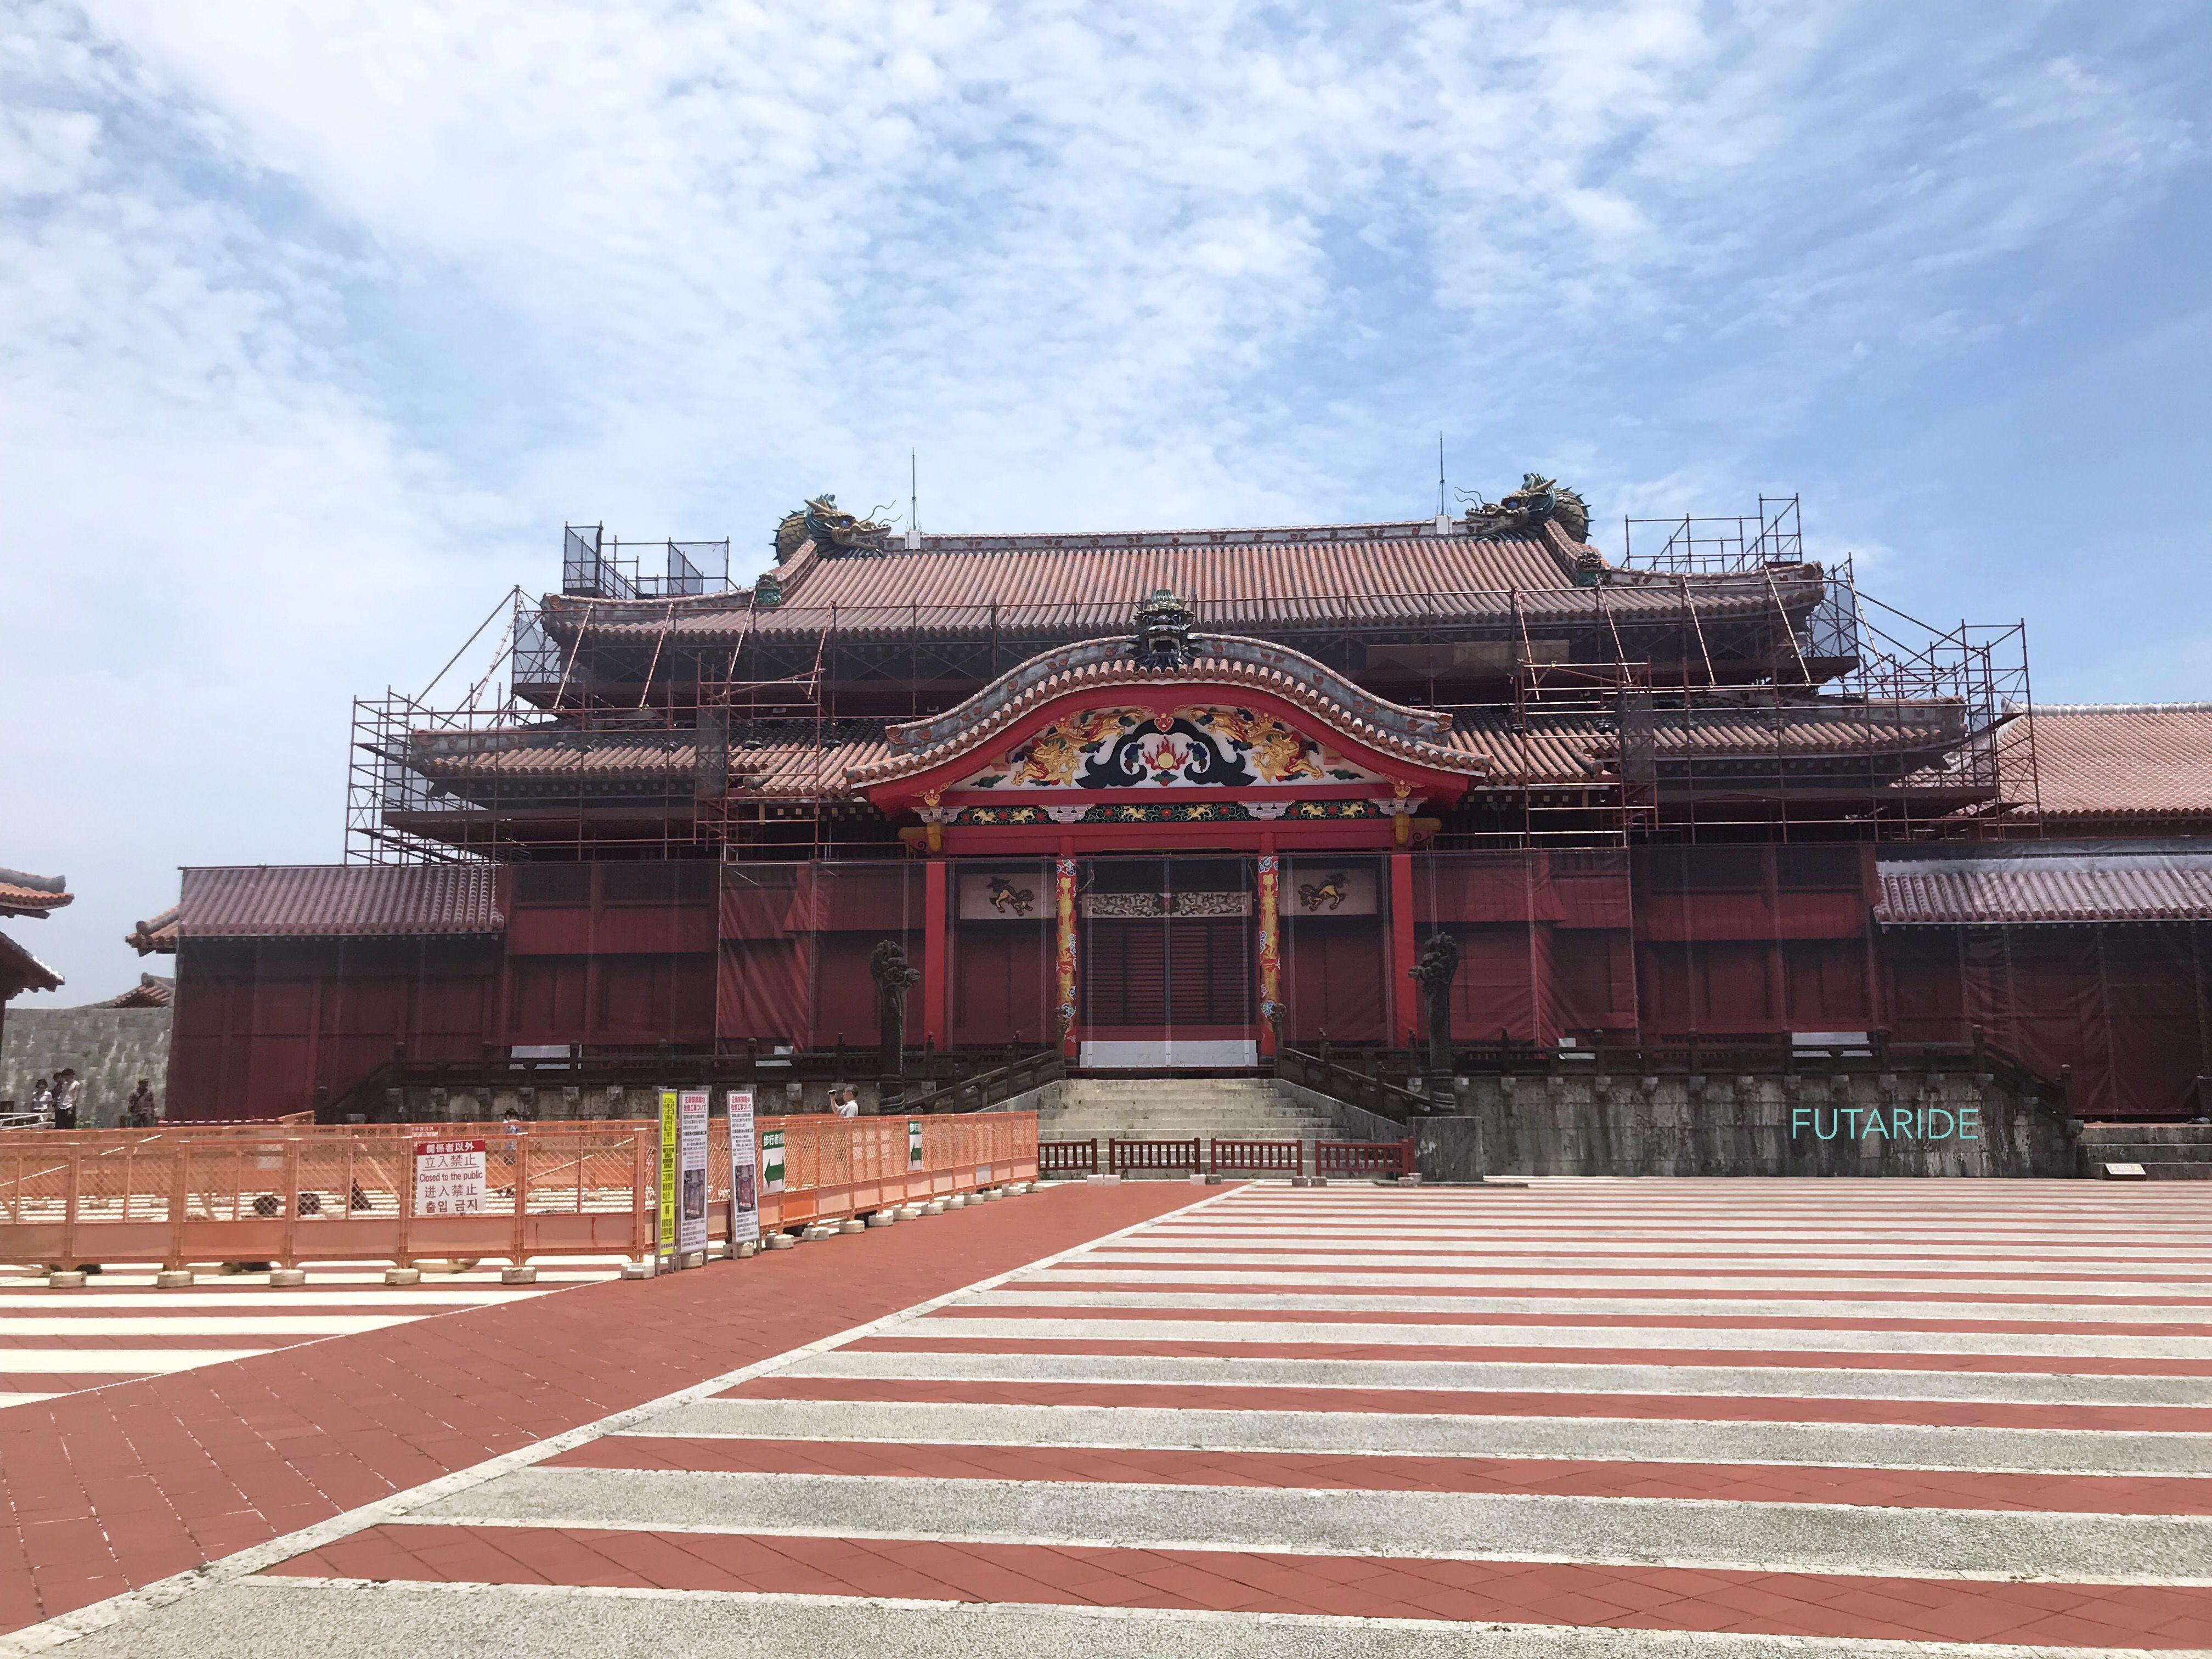 【世界遺産デート】ベタ過ぎる観光スポット「首里城」へ行ってみた!デートにもおすすめ!?